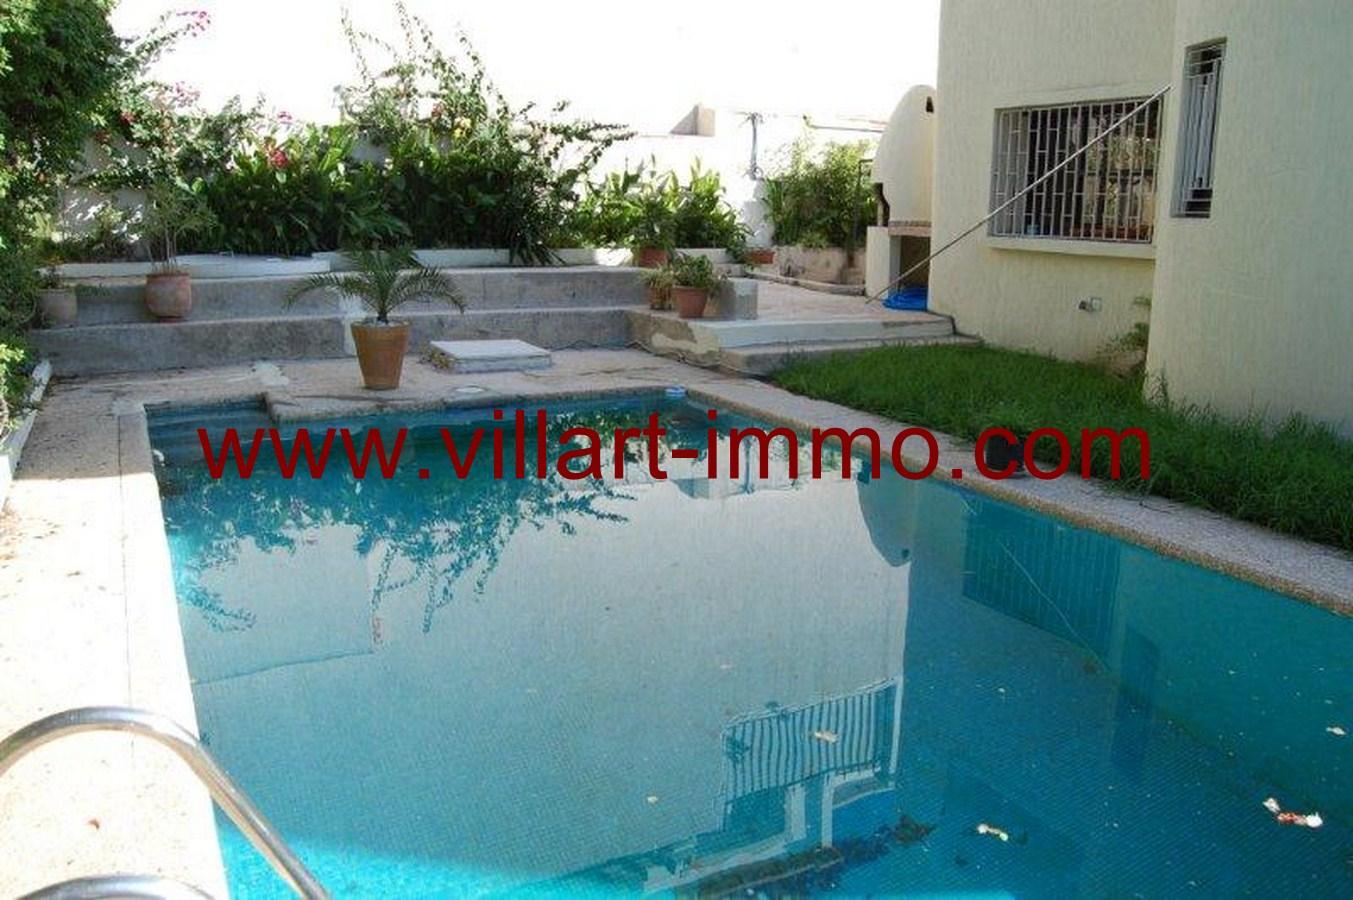 Maison avec piscine tanger maison moderne for Piscine demontable maroc